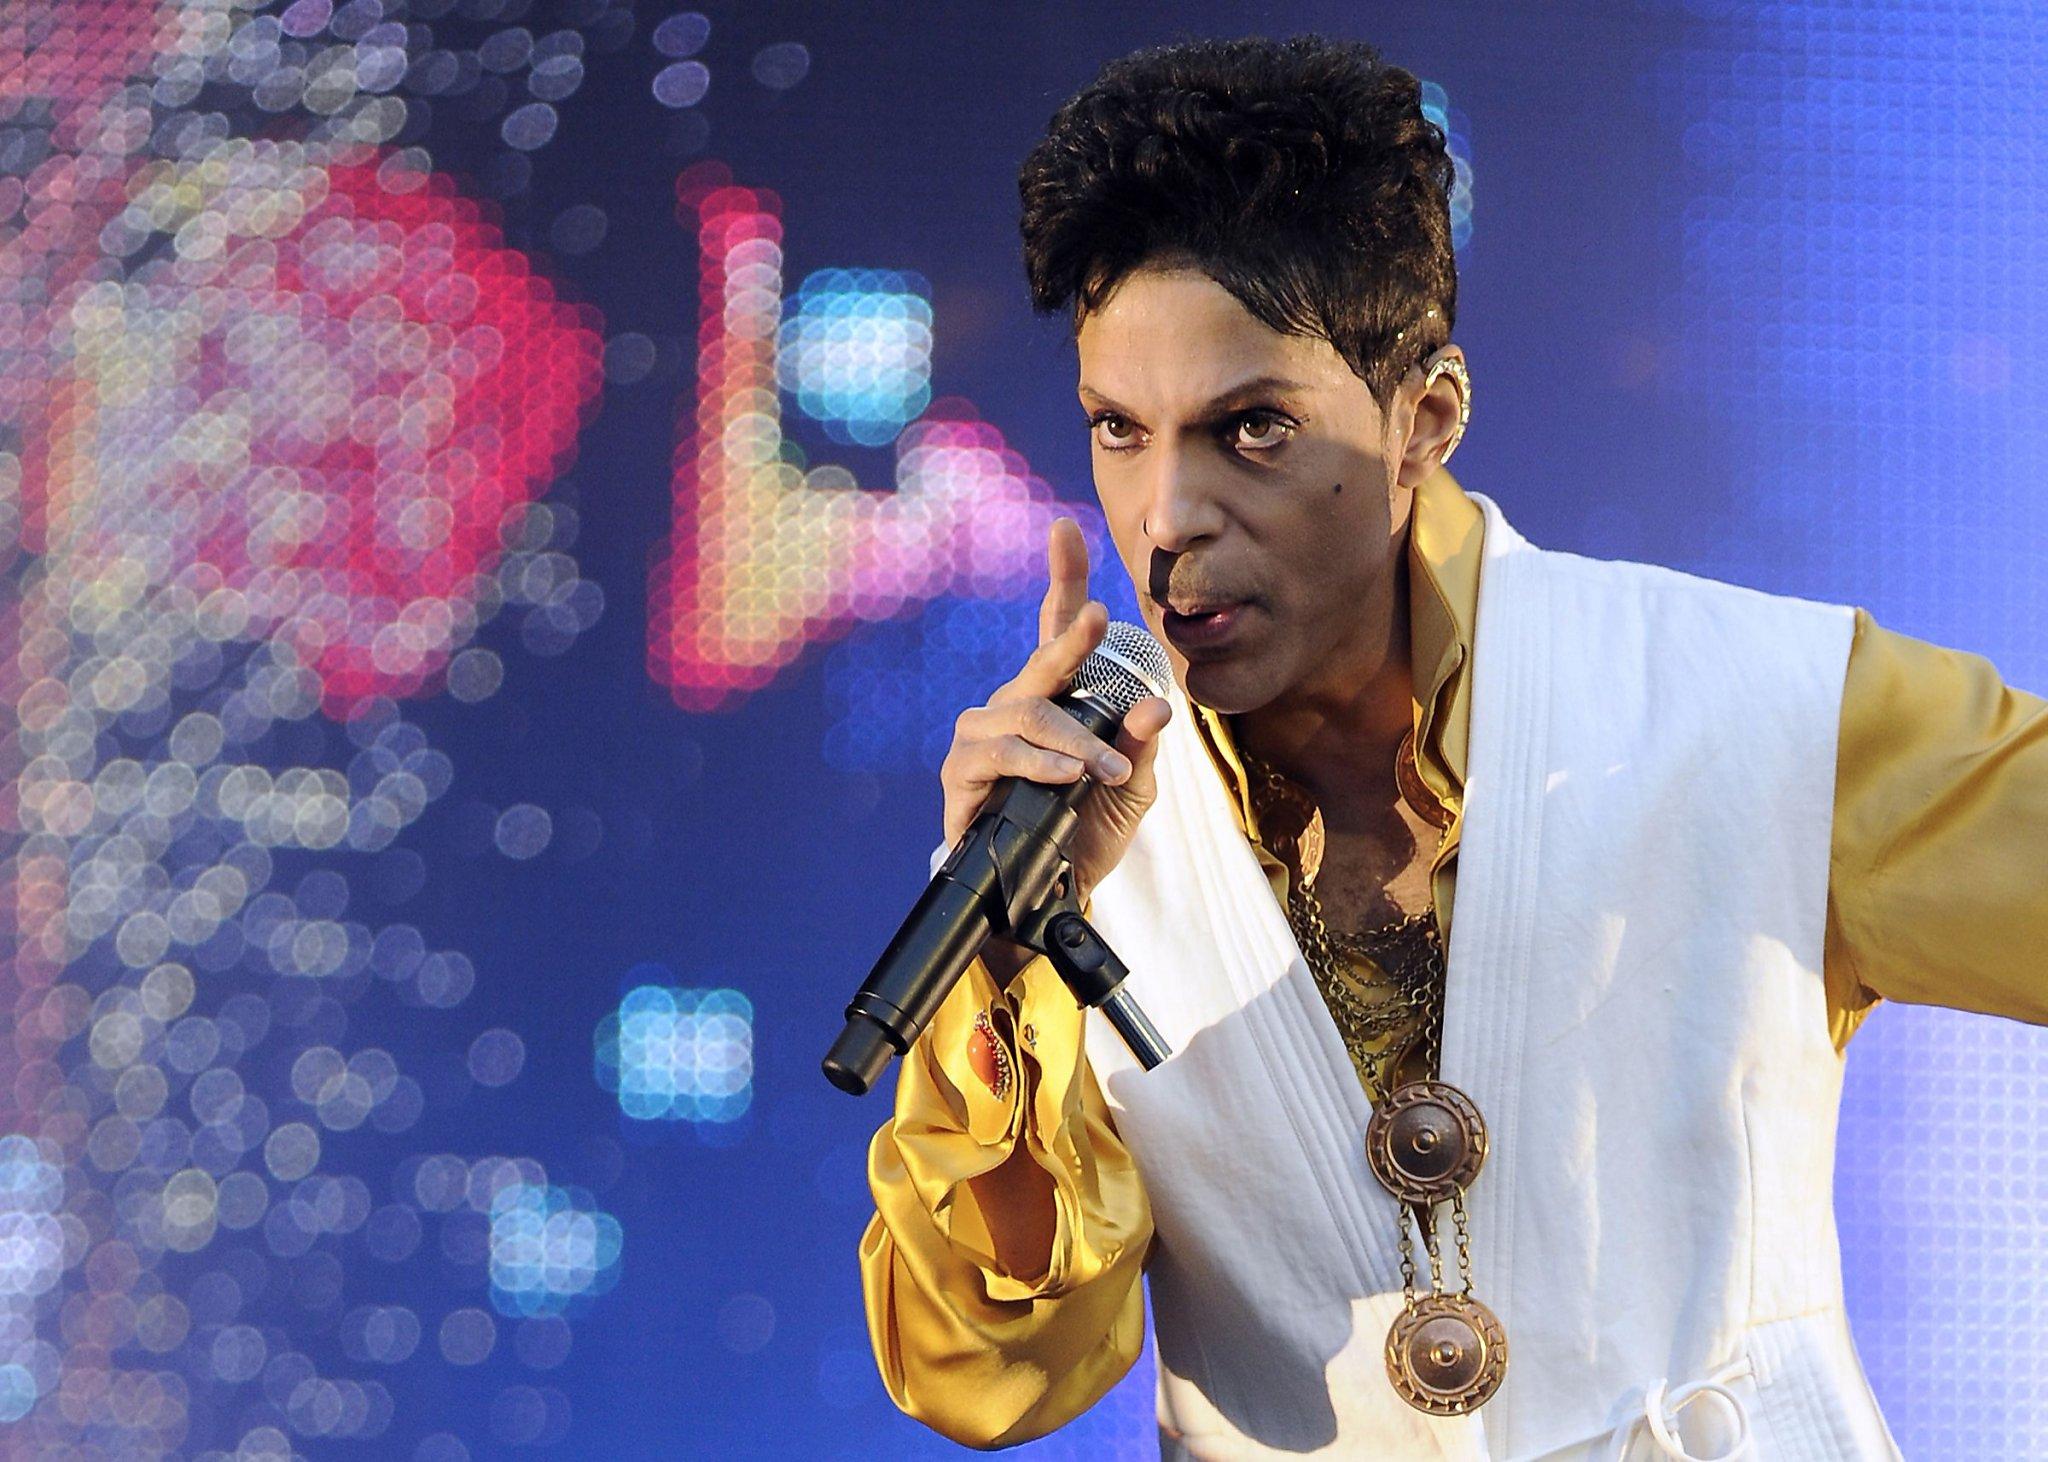 небольшой развозной певец принц фото биография приходит землю просветленным